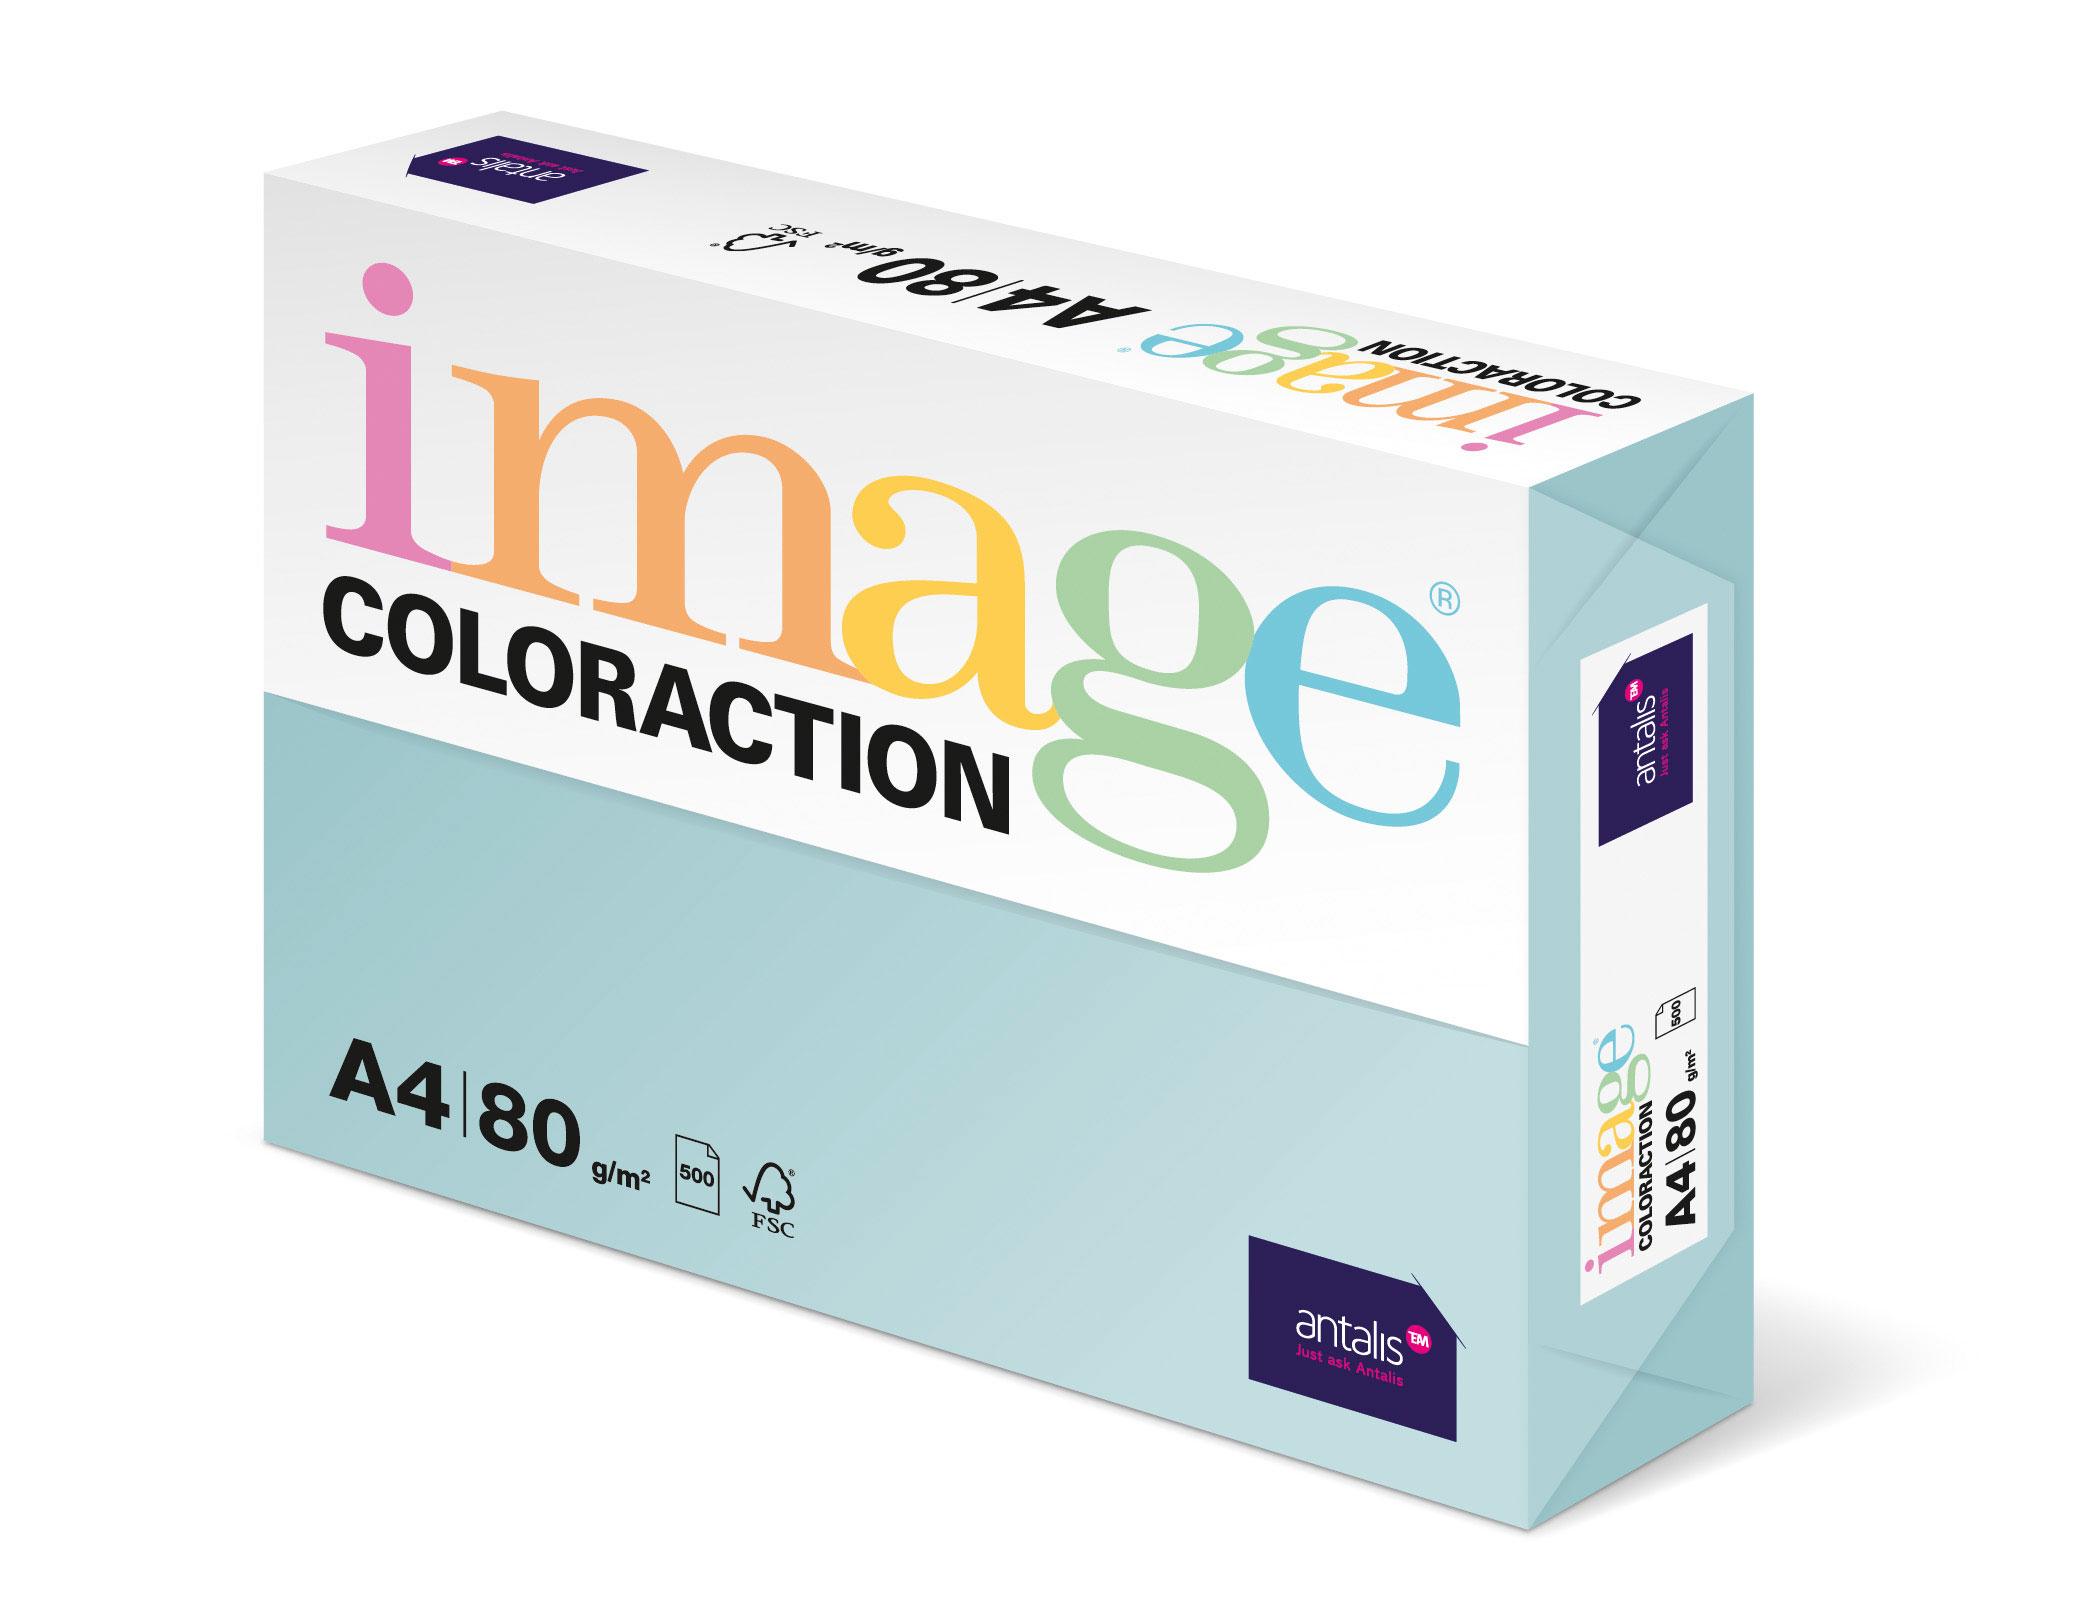 Coloured Copier A4 Pale Blue 80gm 500s